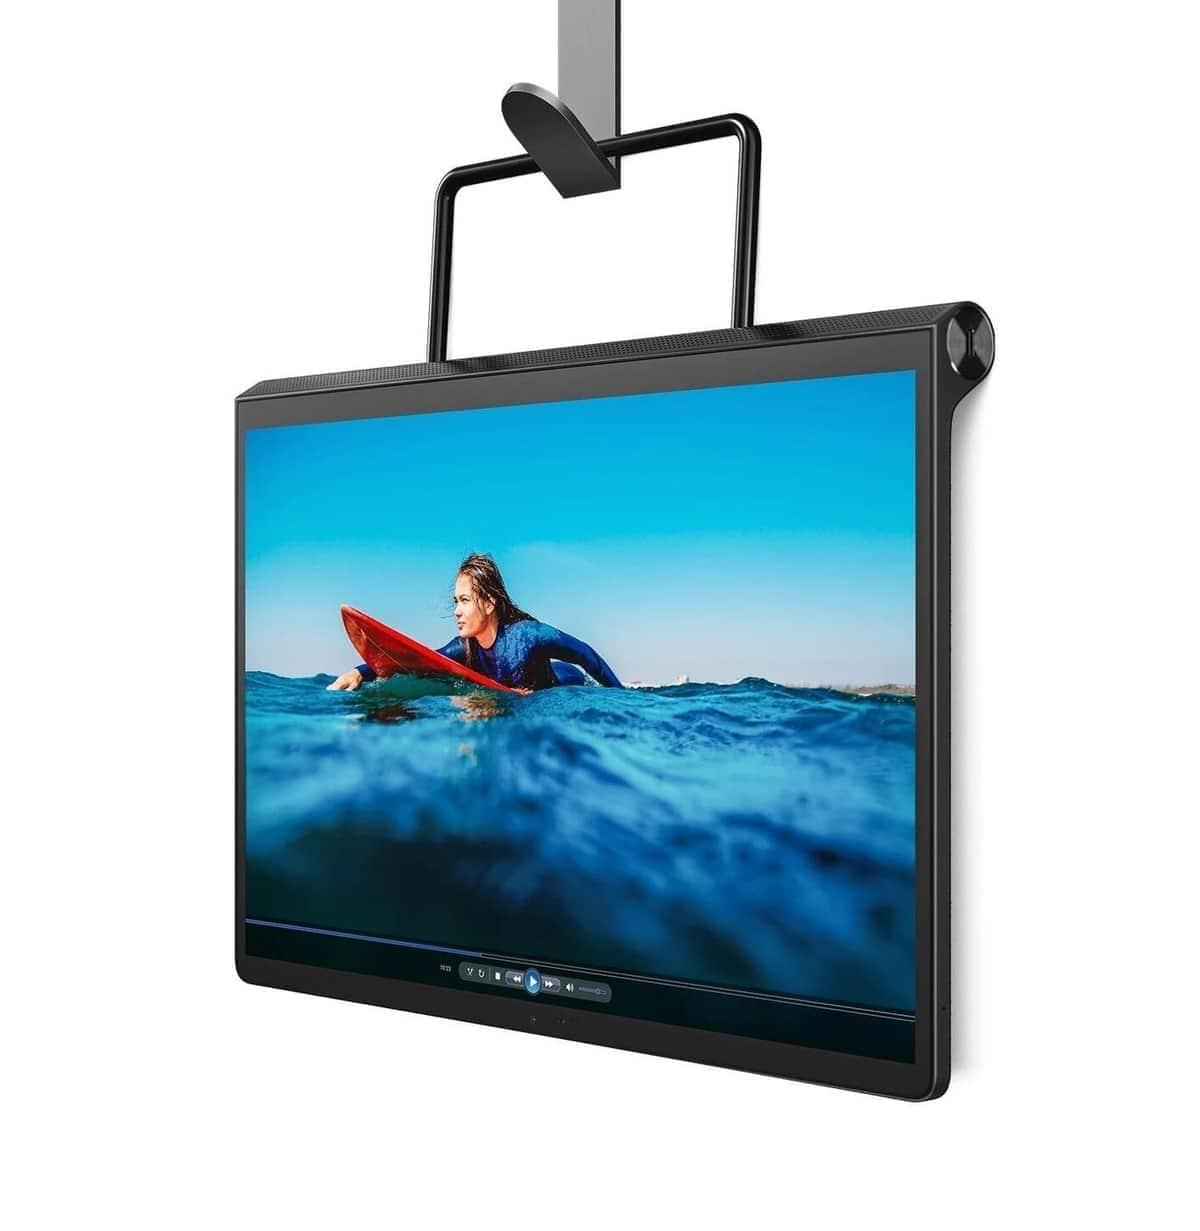 レノボのAndroidタブレット「Yoga Tab」 13型&11型の2モデル